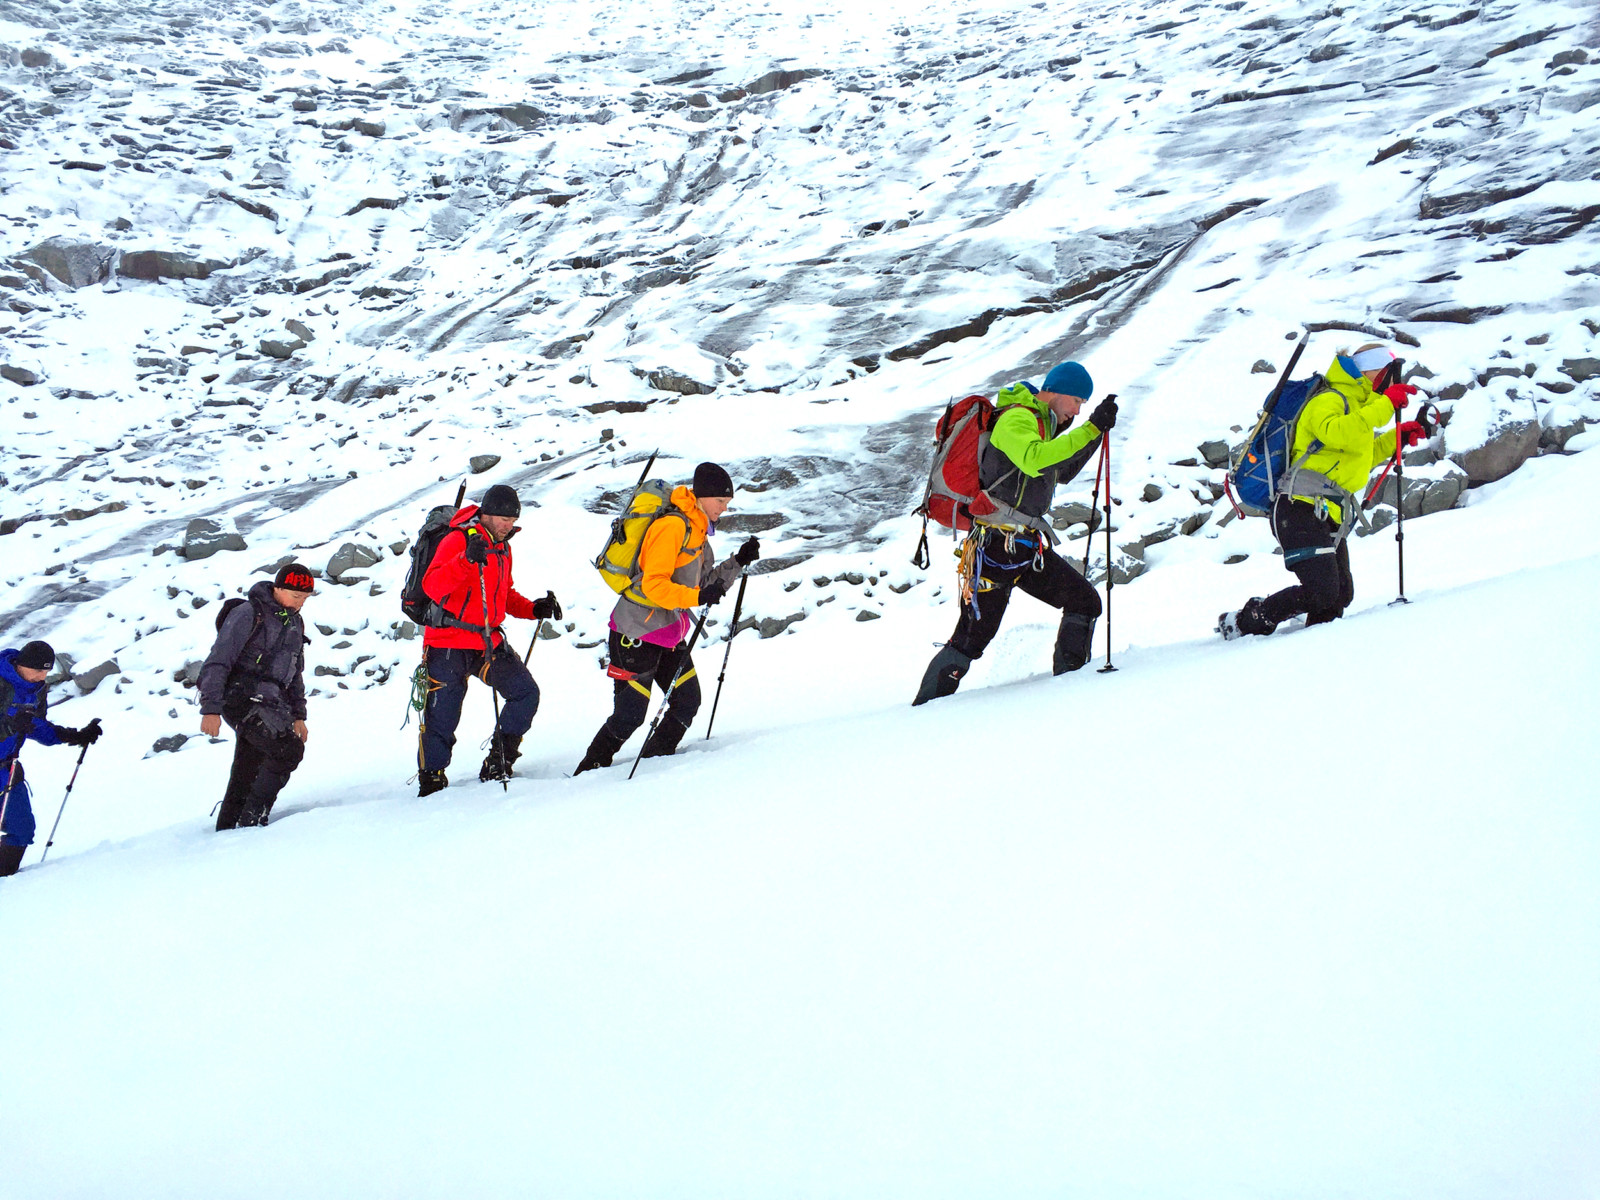 Karawanen von Bergsteigern erklimmen auch heute, trotz des schlechten Wetters, den Gipfel des Großvenedigers.